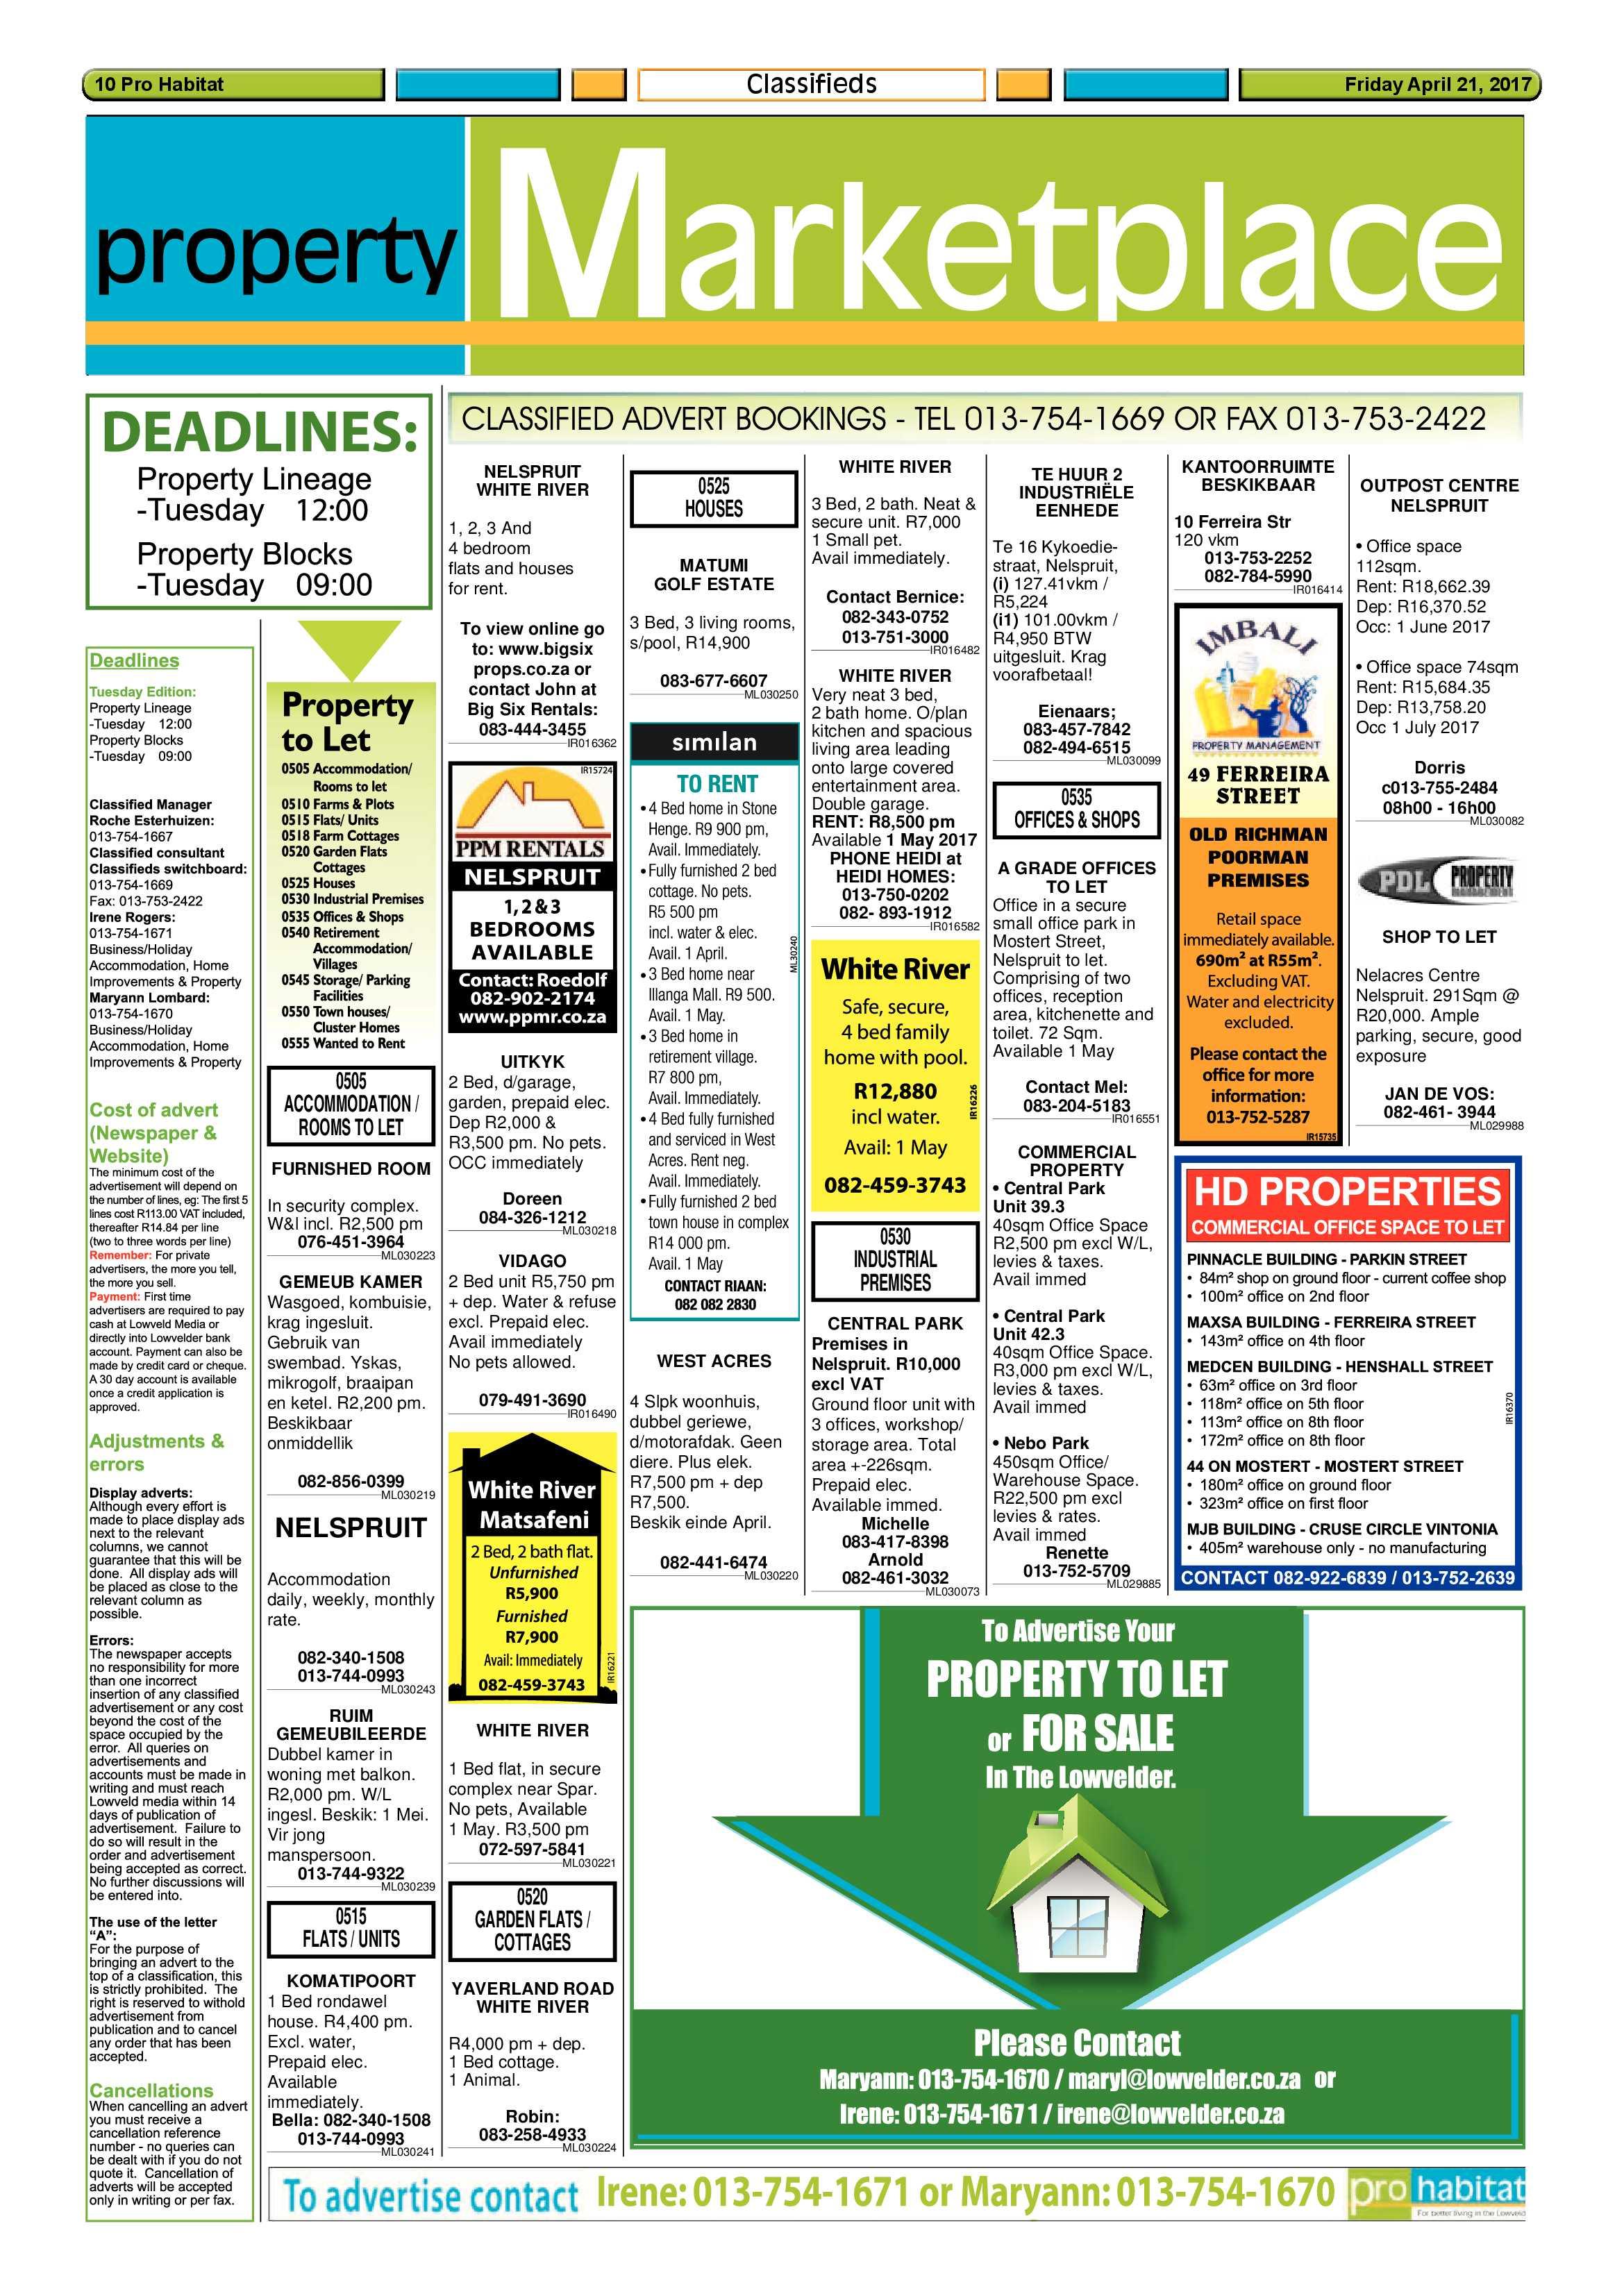 prohabitat-21-april-2017-epapers-page-10